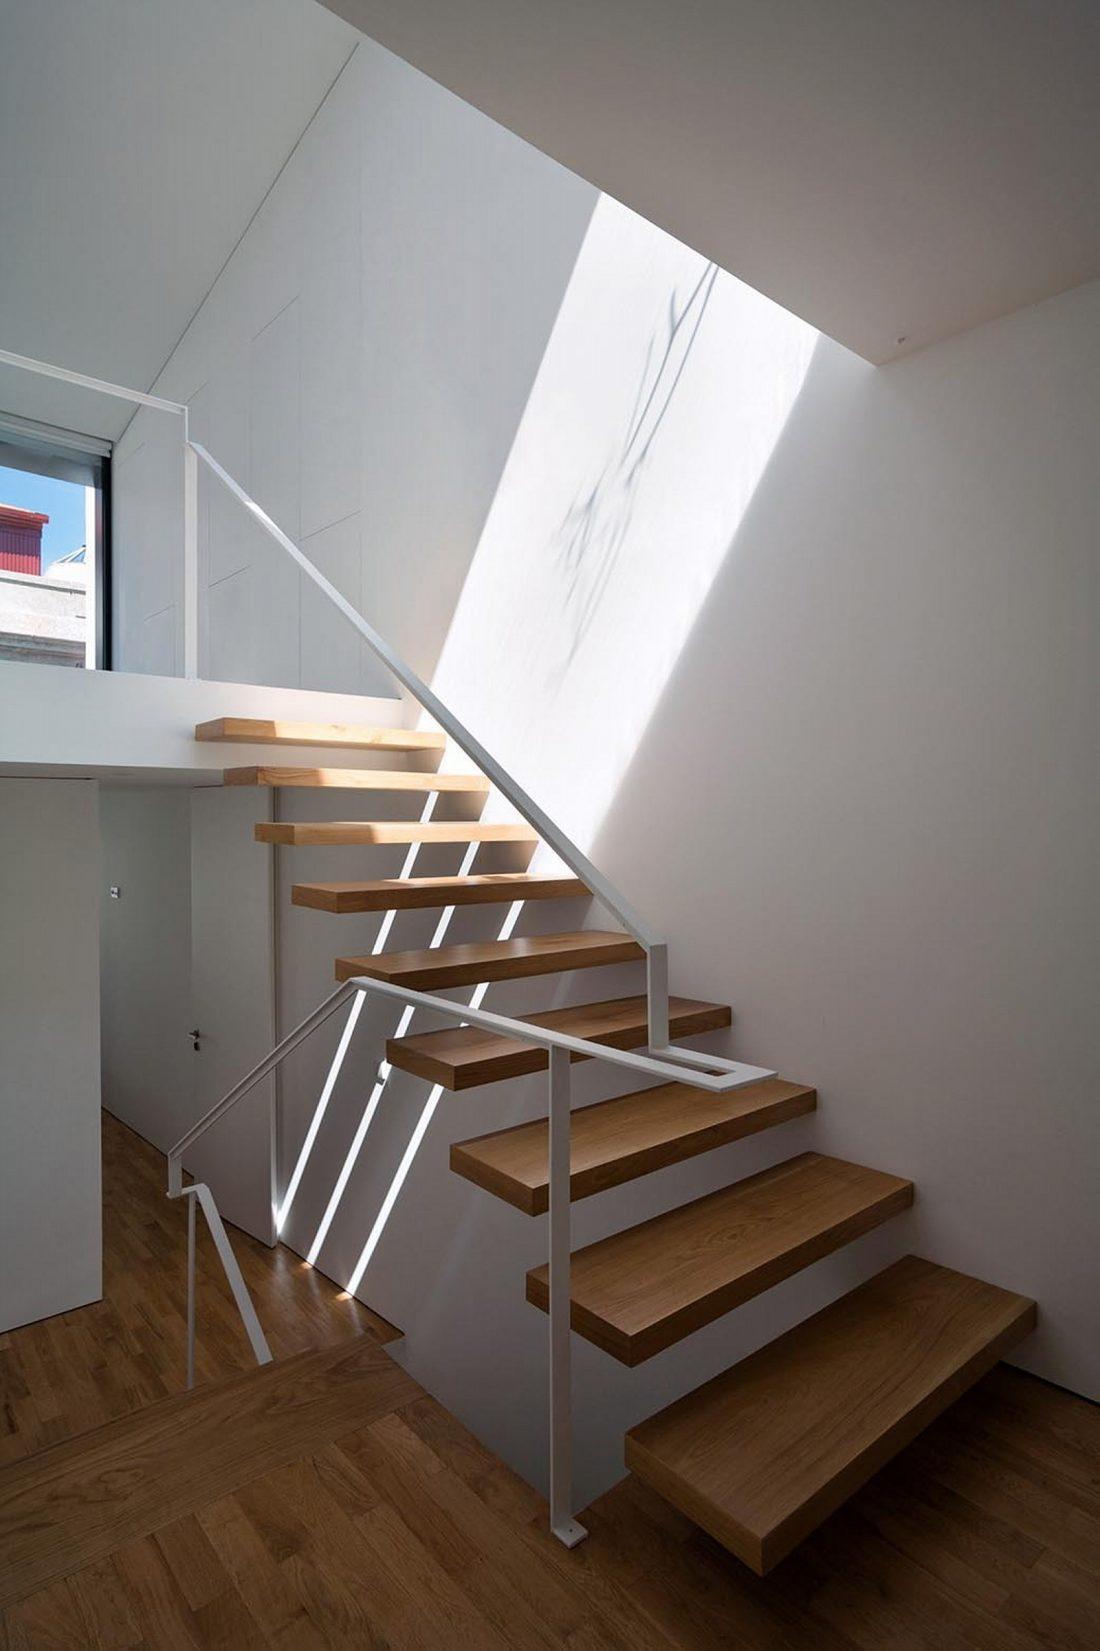 Реконструкция старинного дома Bonjardim House в Португалии по проекту ATKA arquitectos 31